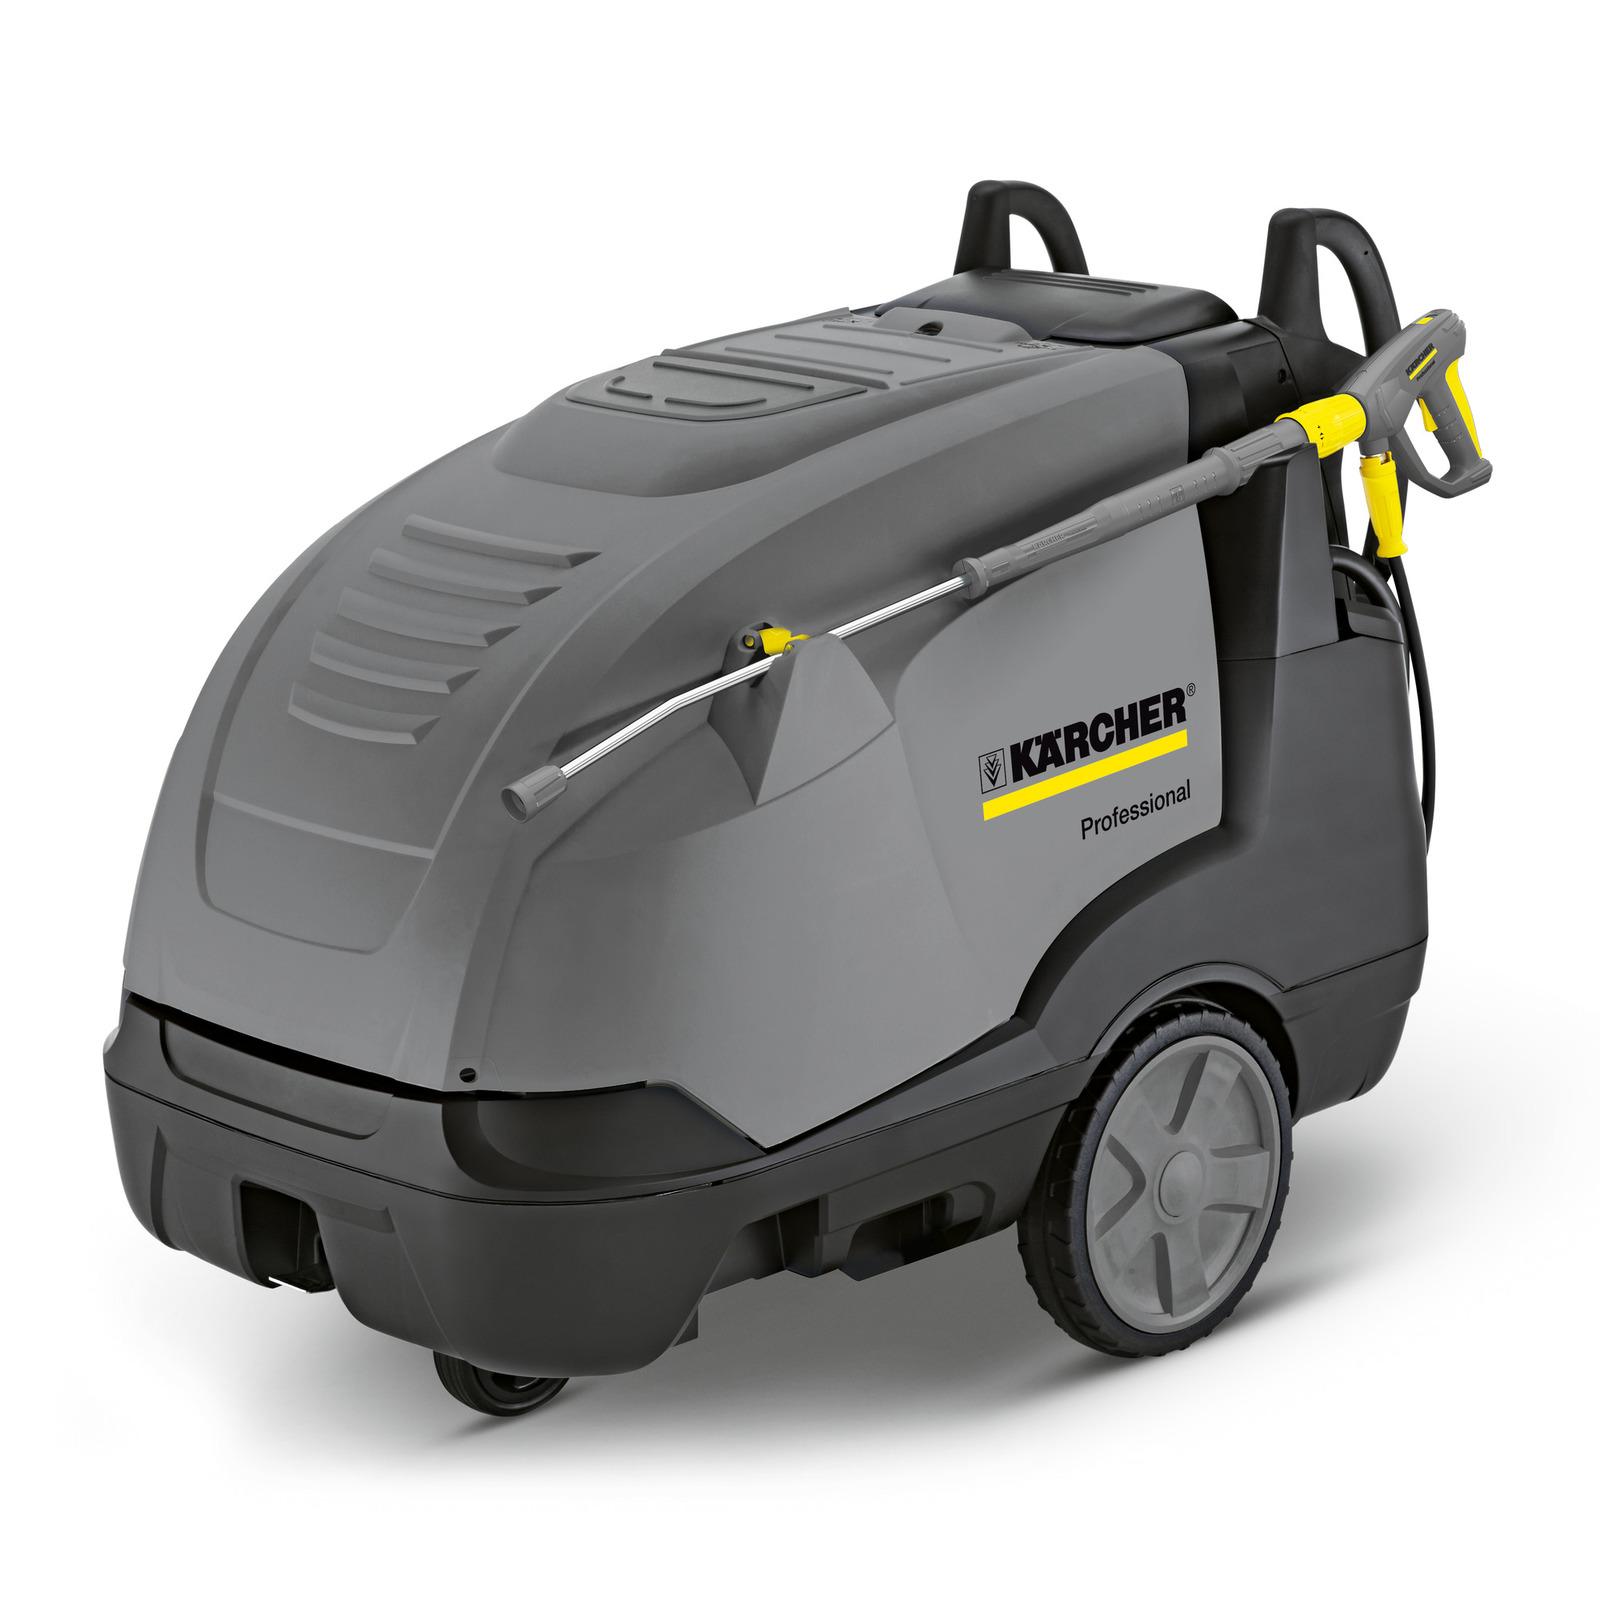 KARCHER - HDS-E 8/16 -4 M 12 kW